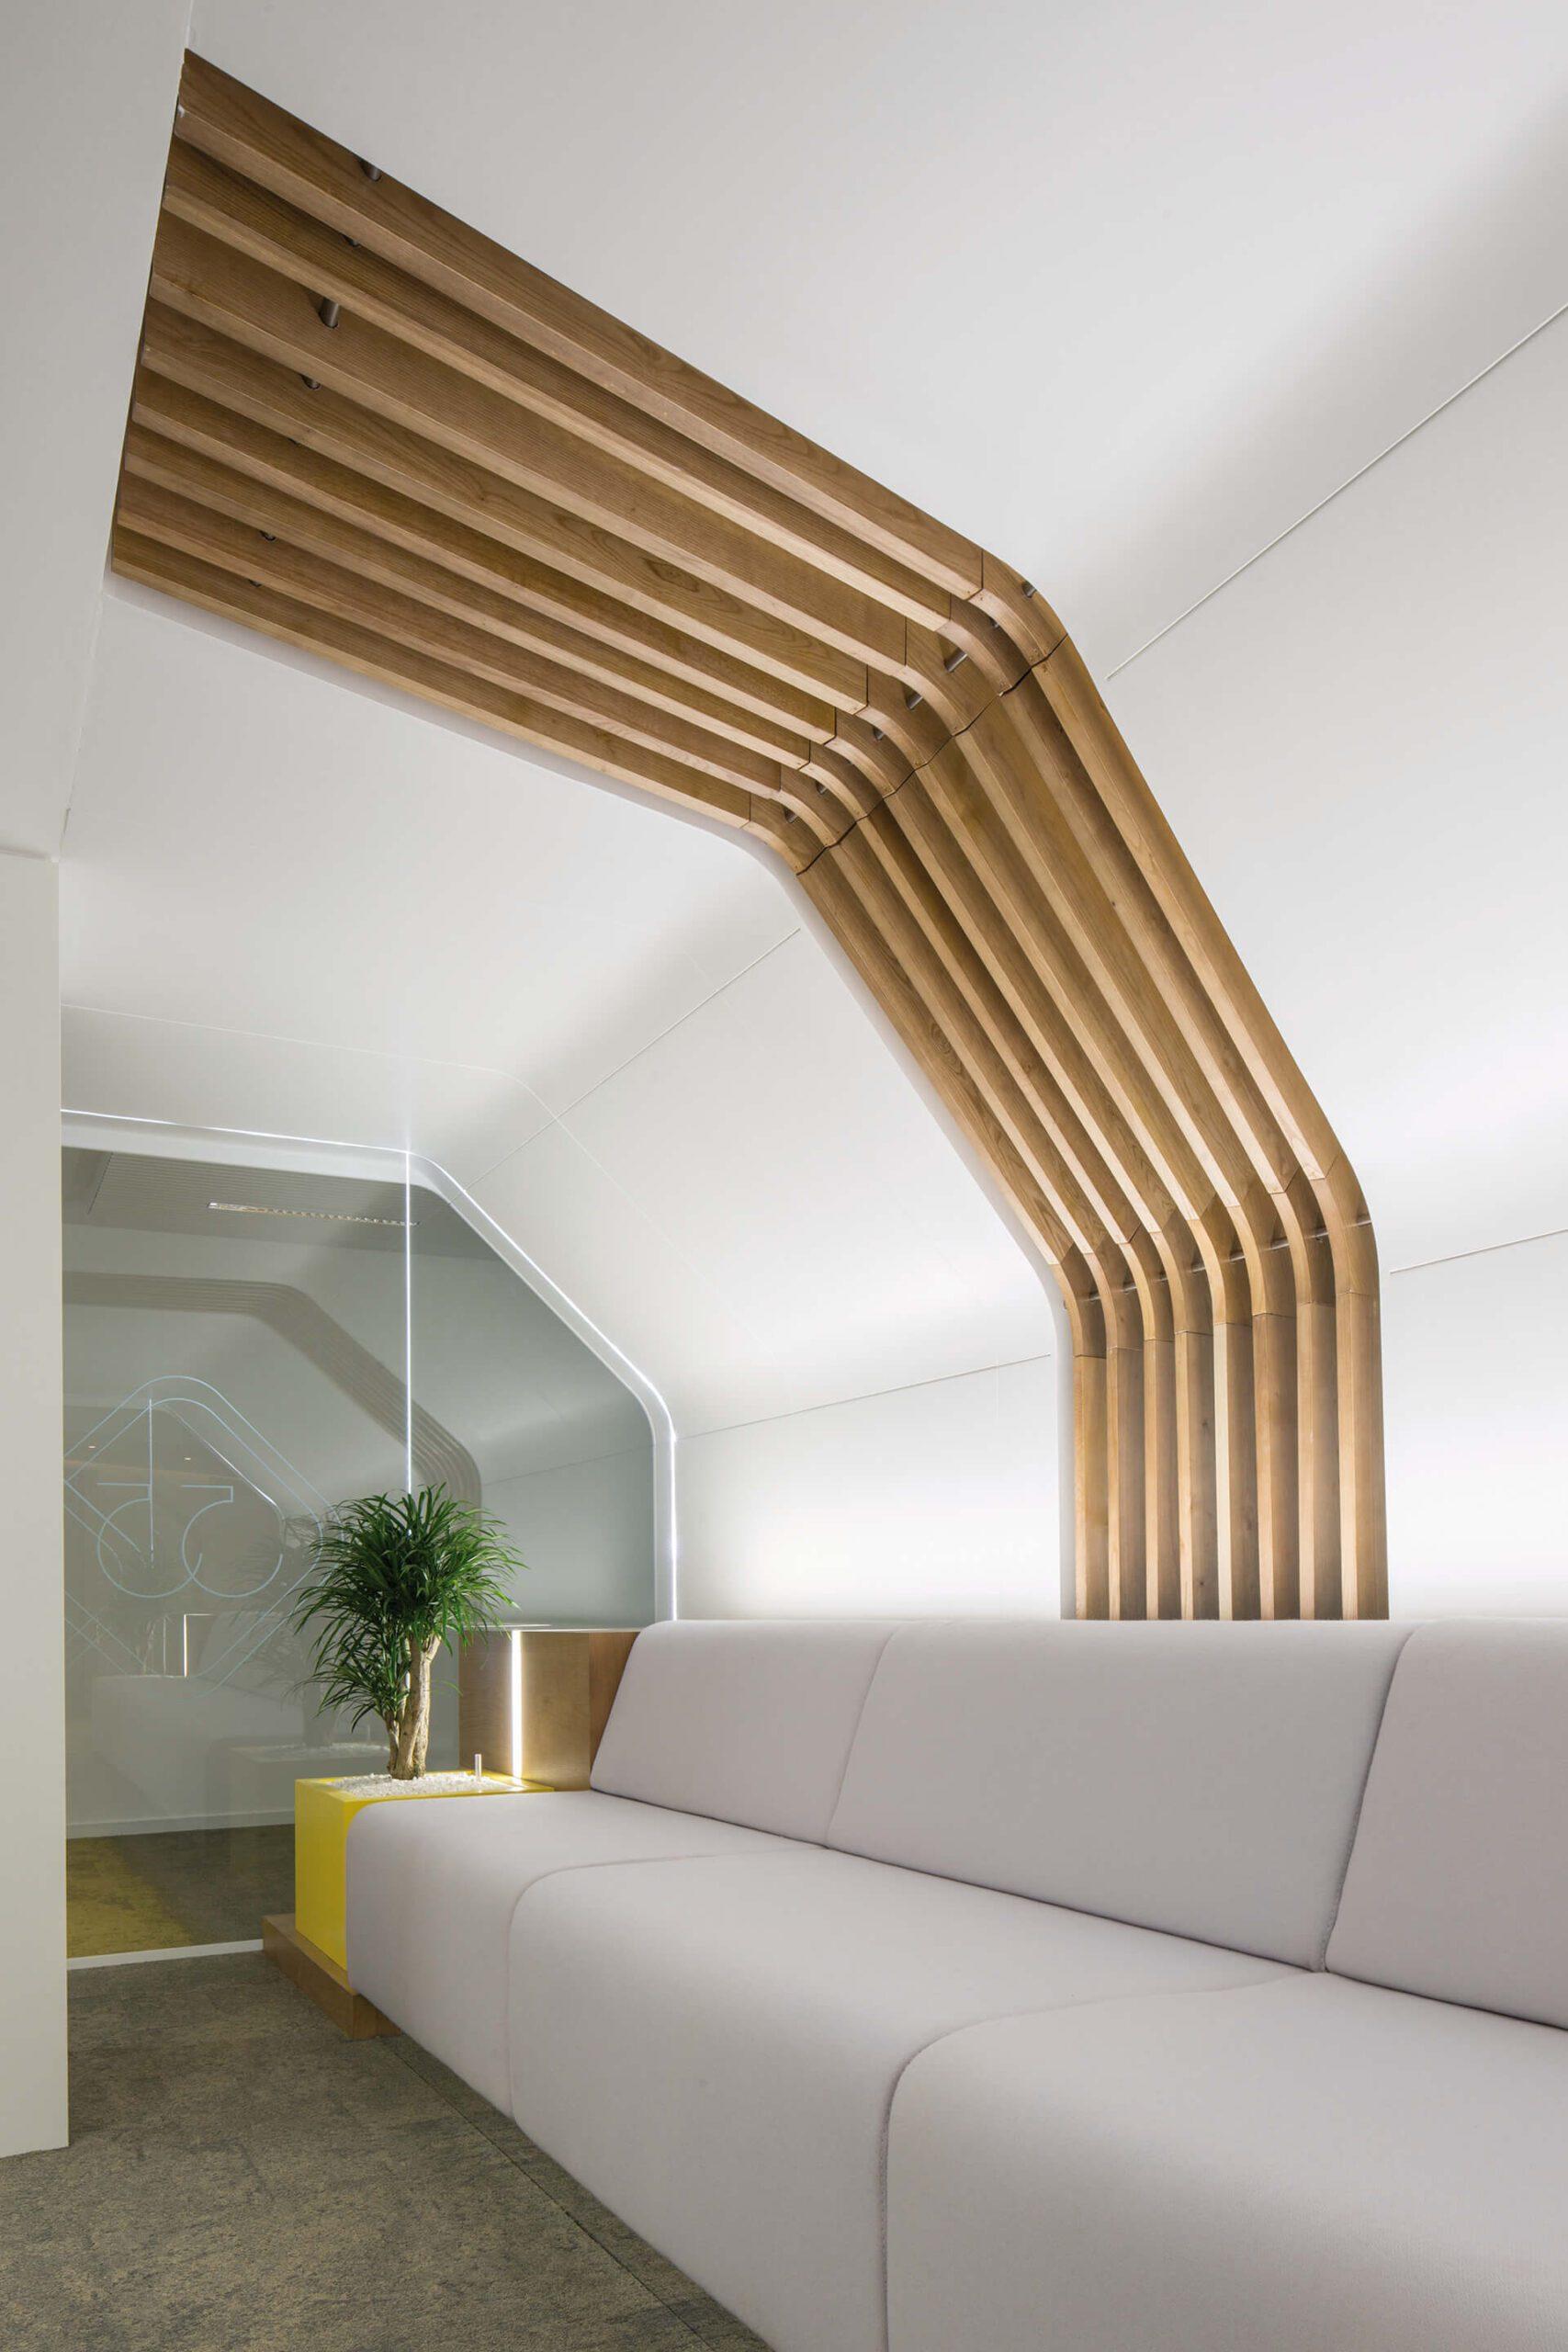 teto decorado com ripes de madeira